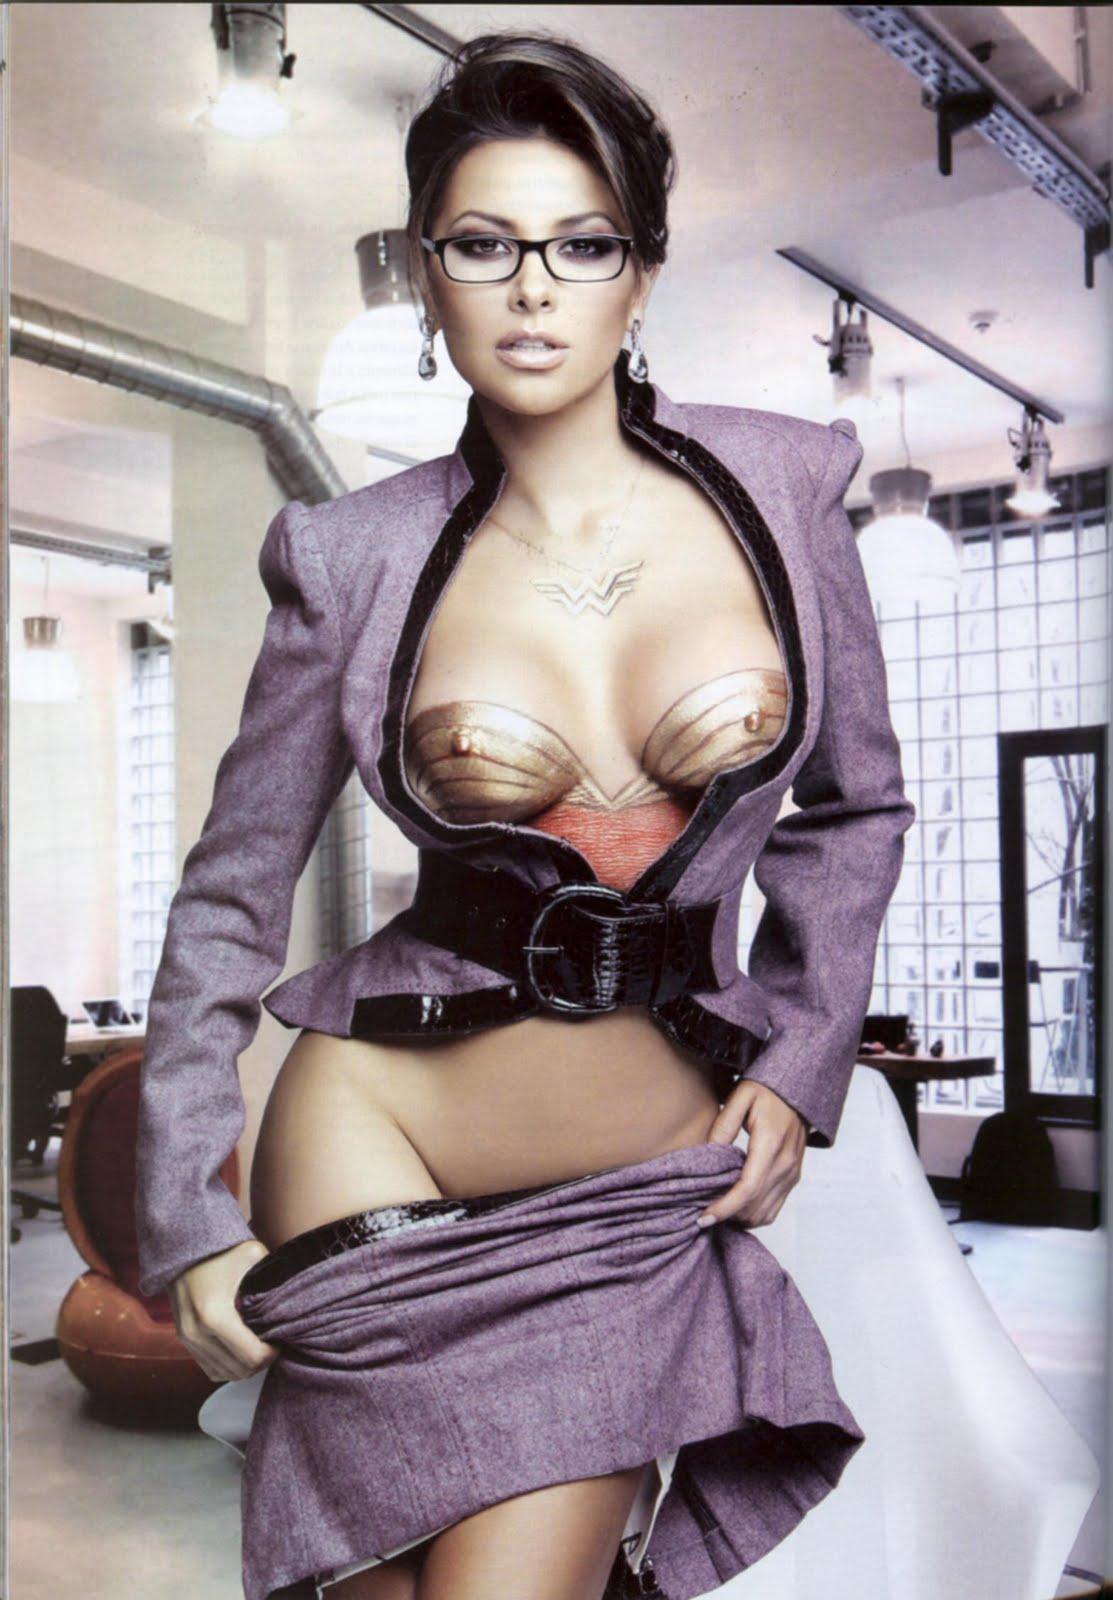 Hottest magazine covers nude gaby ramirez on playboy